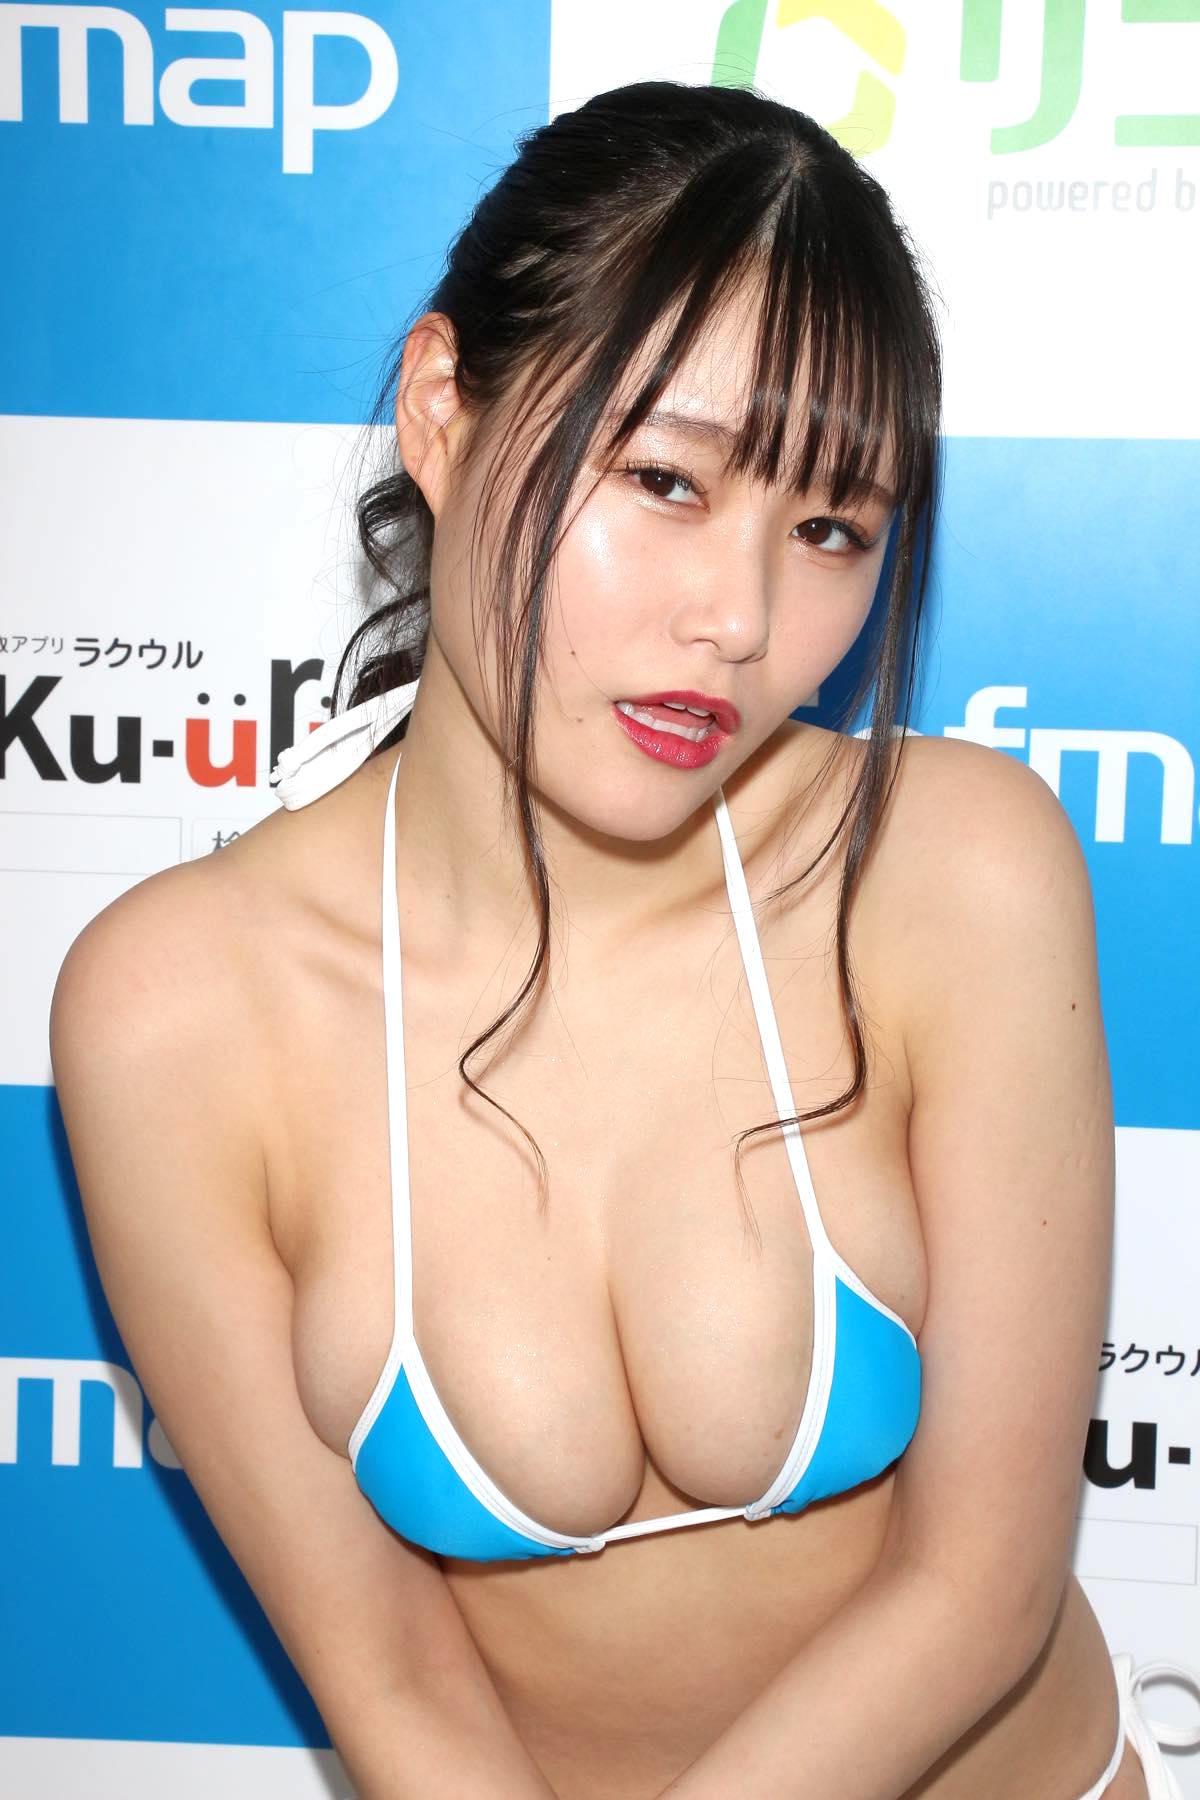 東坂みゆ「ロケット爆乳」がダンスで揺れて弾ける!【写真42枚】の画像024